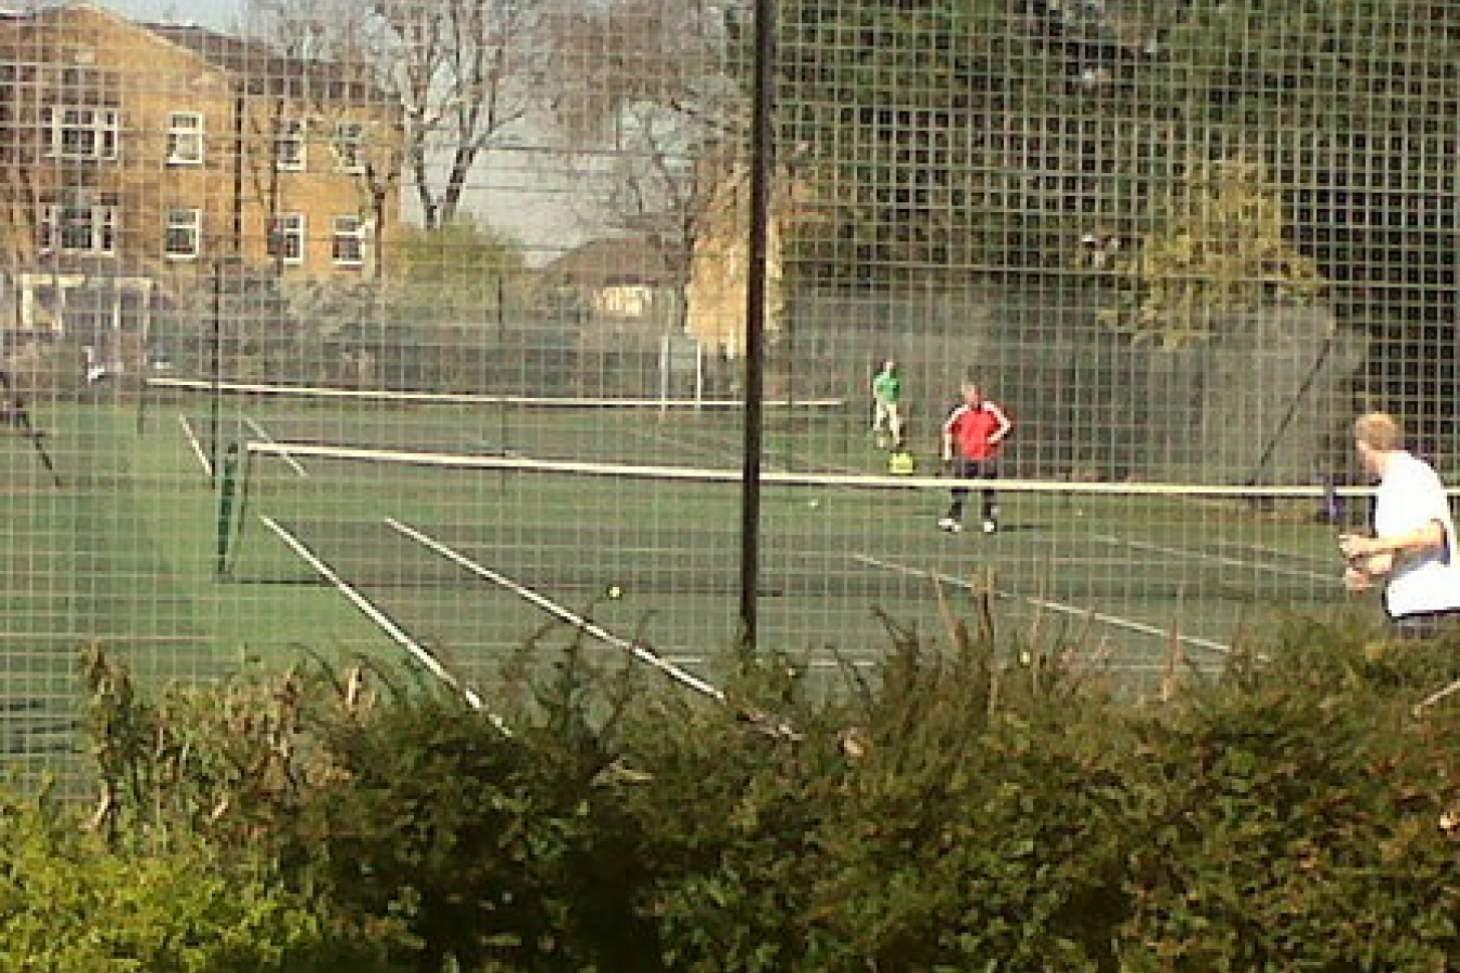 Victoria Recreation Ground Outdoor | Hard (macadam) tennis court